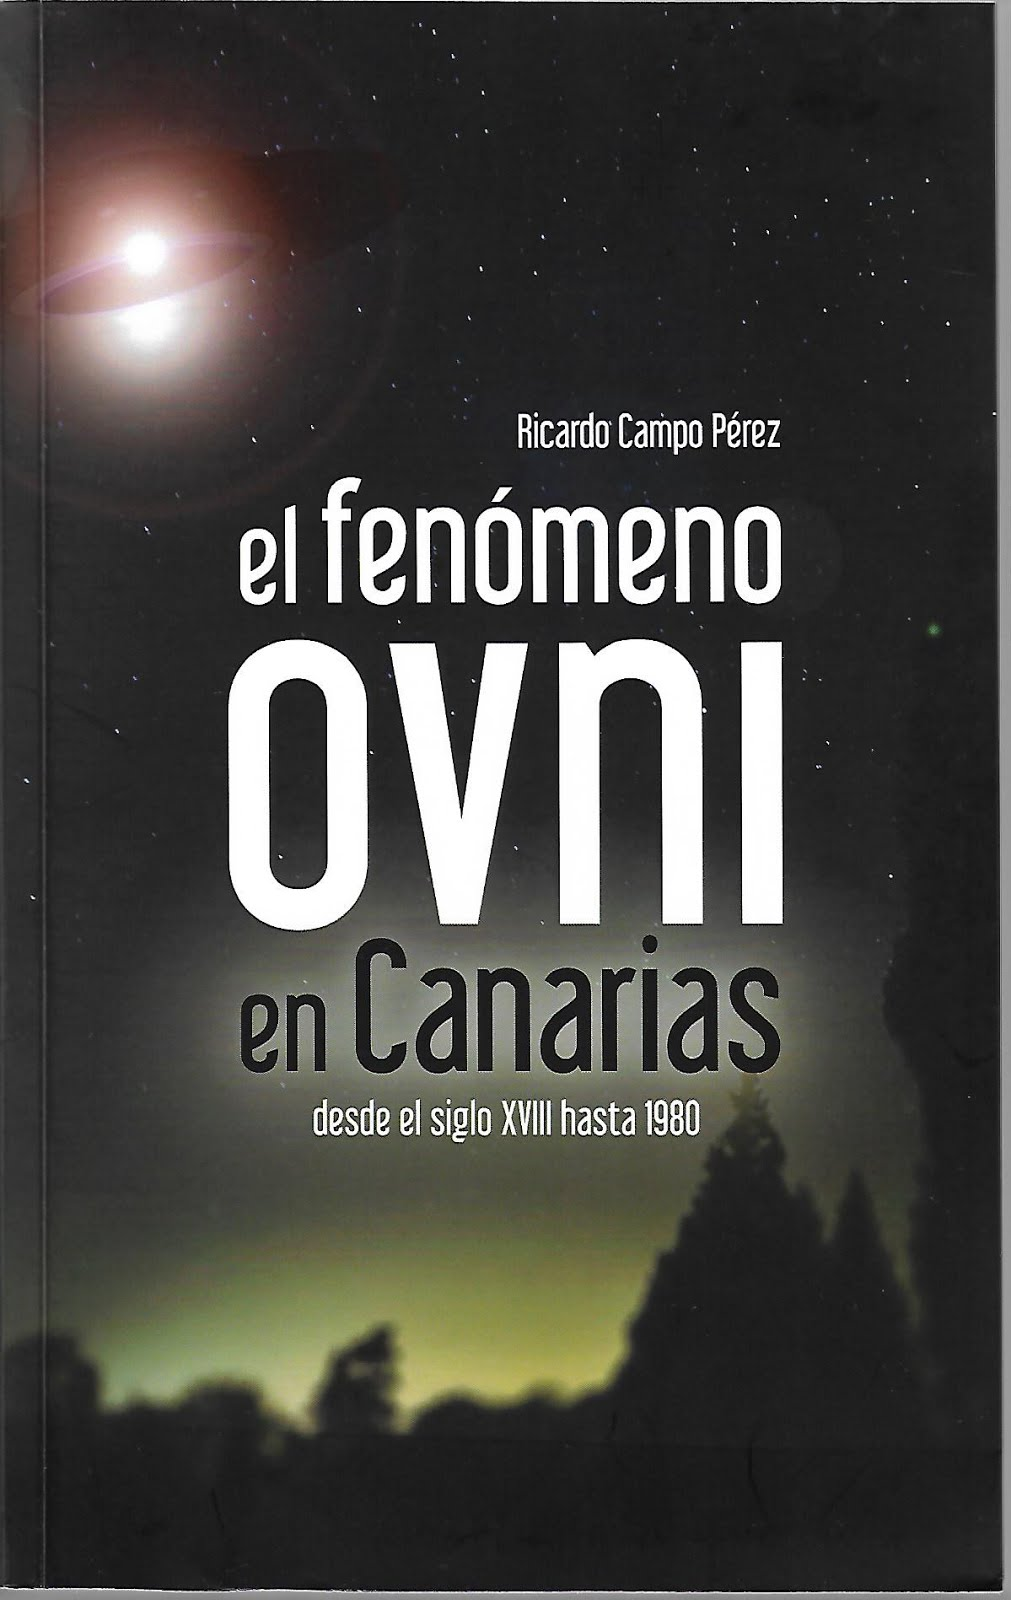 El fenómeno ovni en Canarias